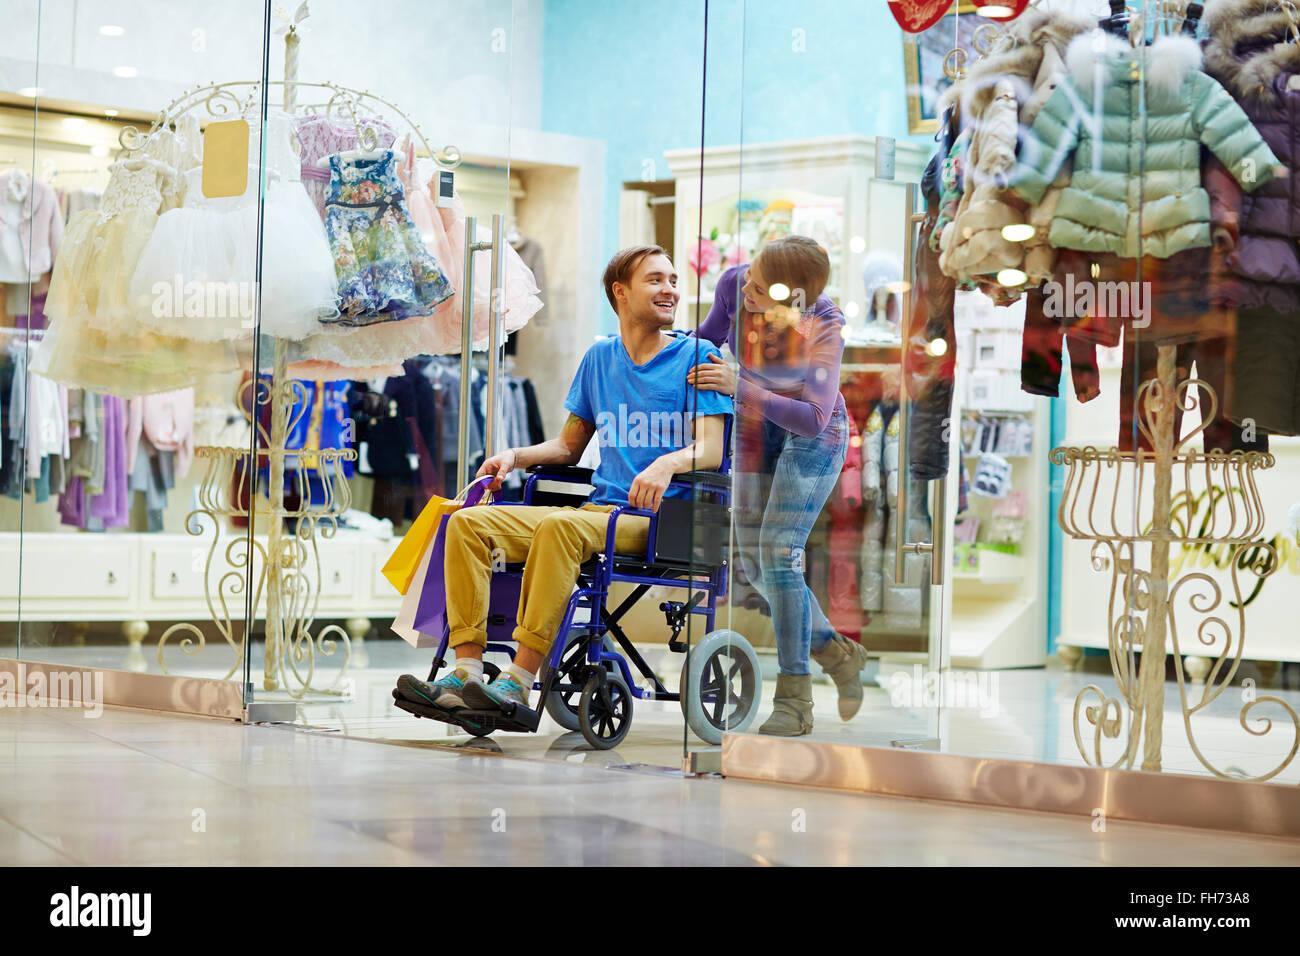 Cuidado chica y su novio desactivar visitando departamento de ropa en el mall Imagen De Stock